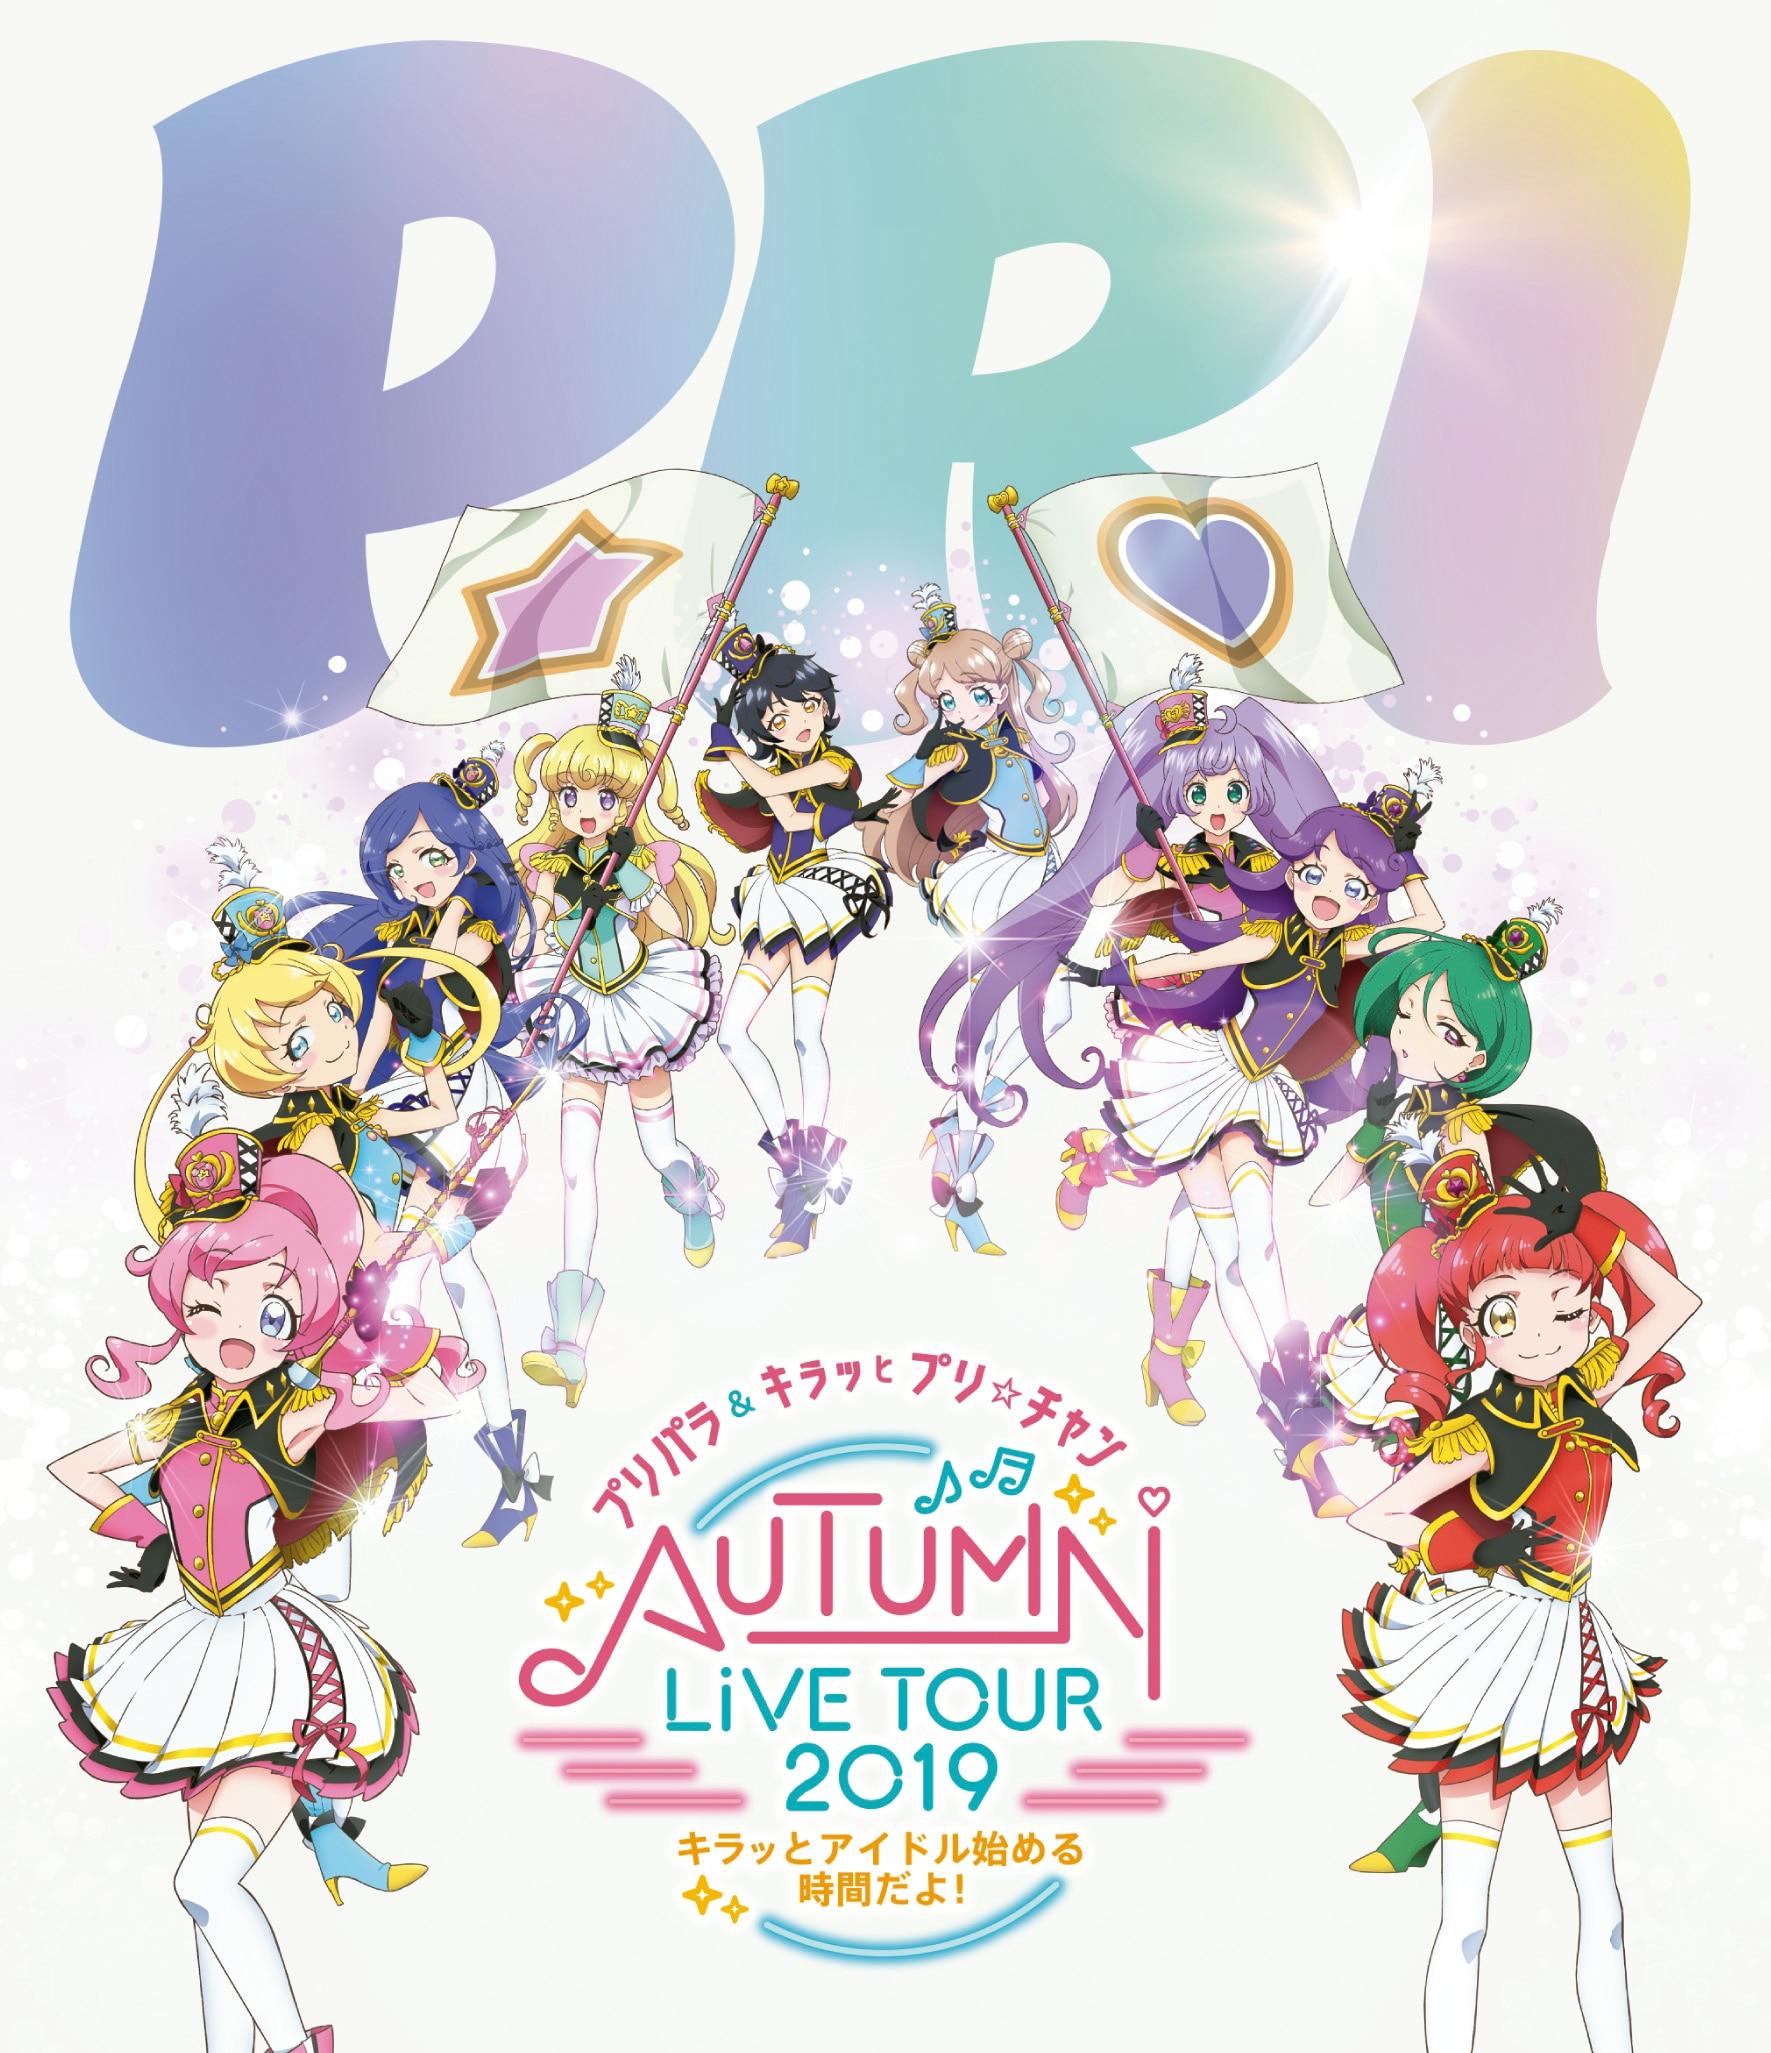 プリパラ&キラッとプリ☆チャンAUTUMN LIVE TOUR 2019 ~キラッと!アイドルはじめる時間だよ!~ Blu-ray